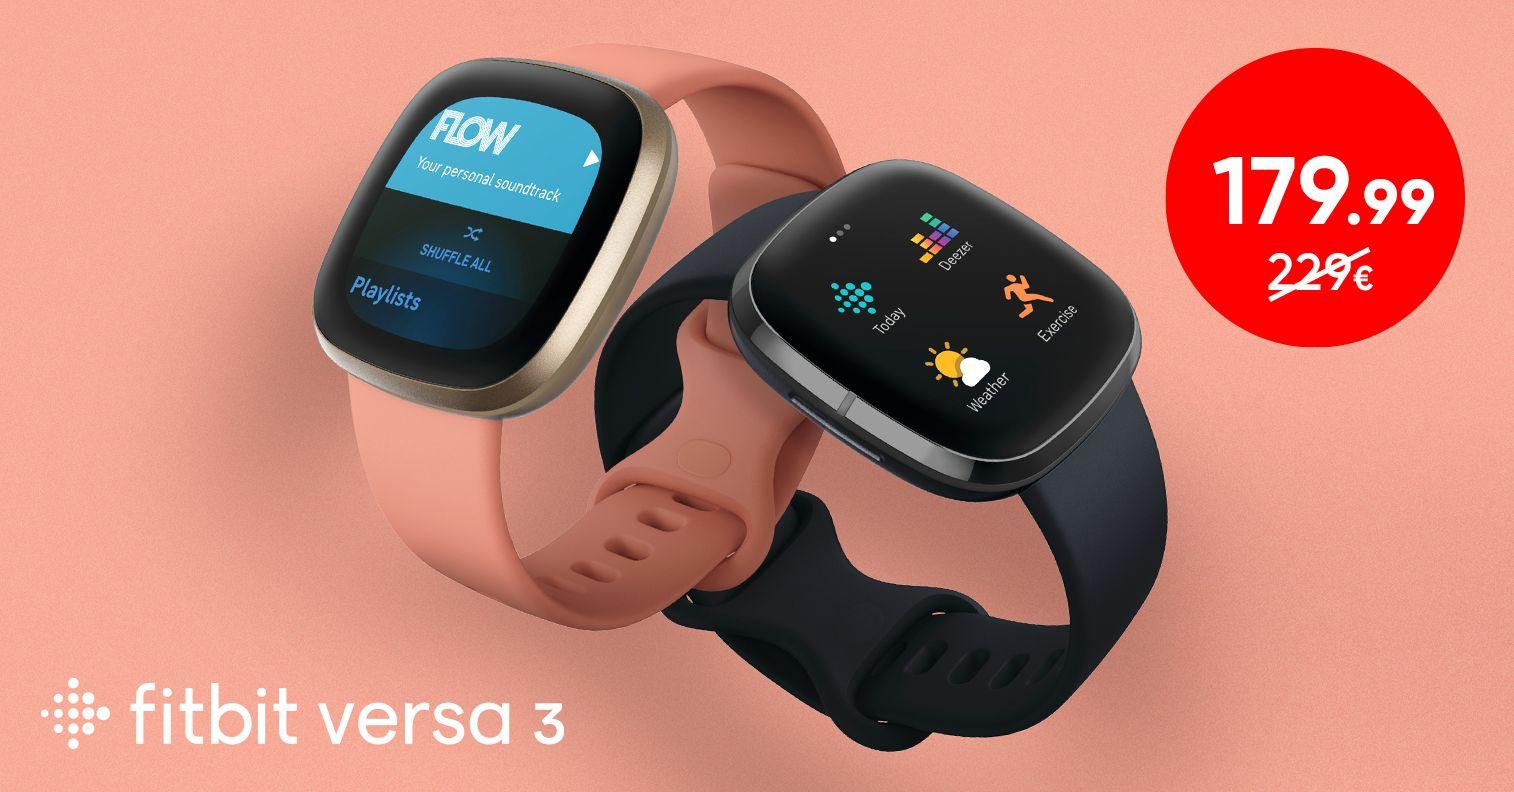 Kaunis Fitbit Versa 3 nutikell on müügil soodushinnaga 179,99€